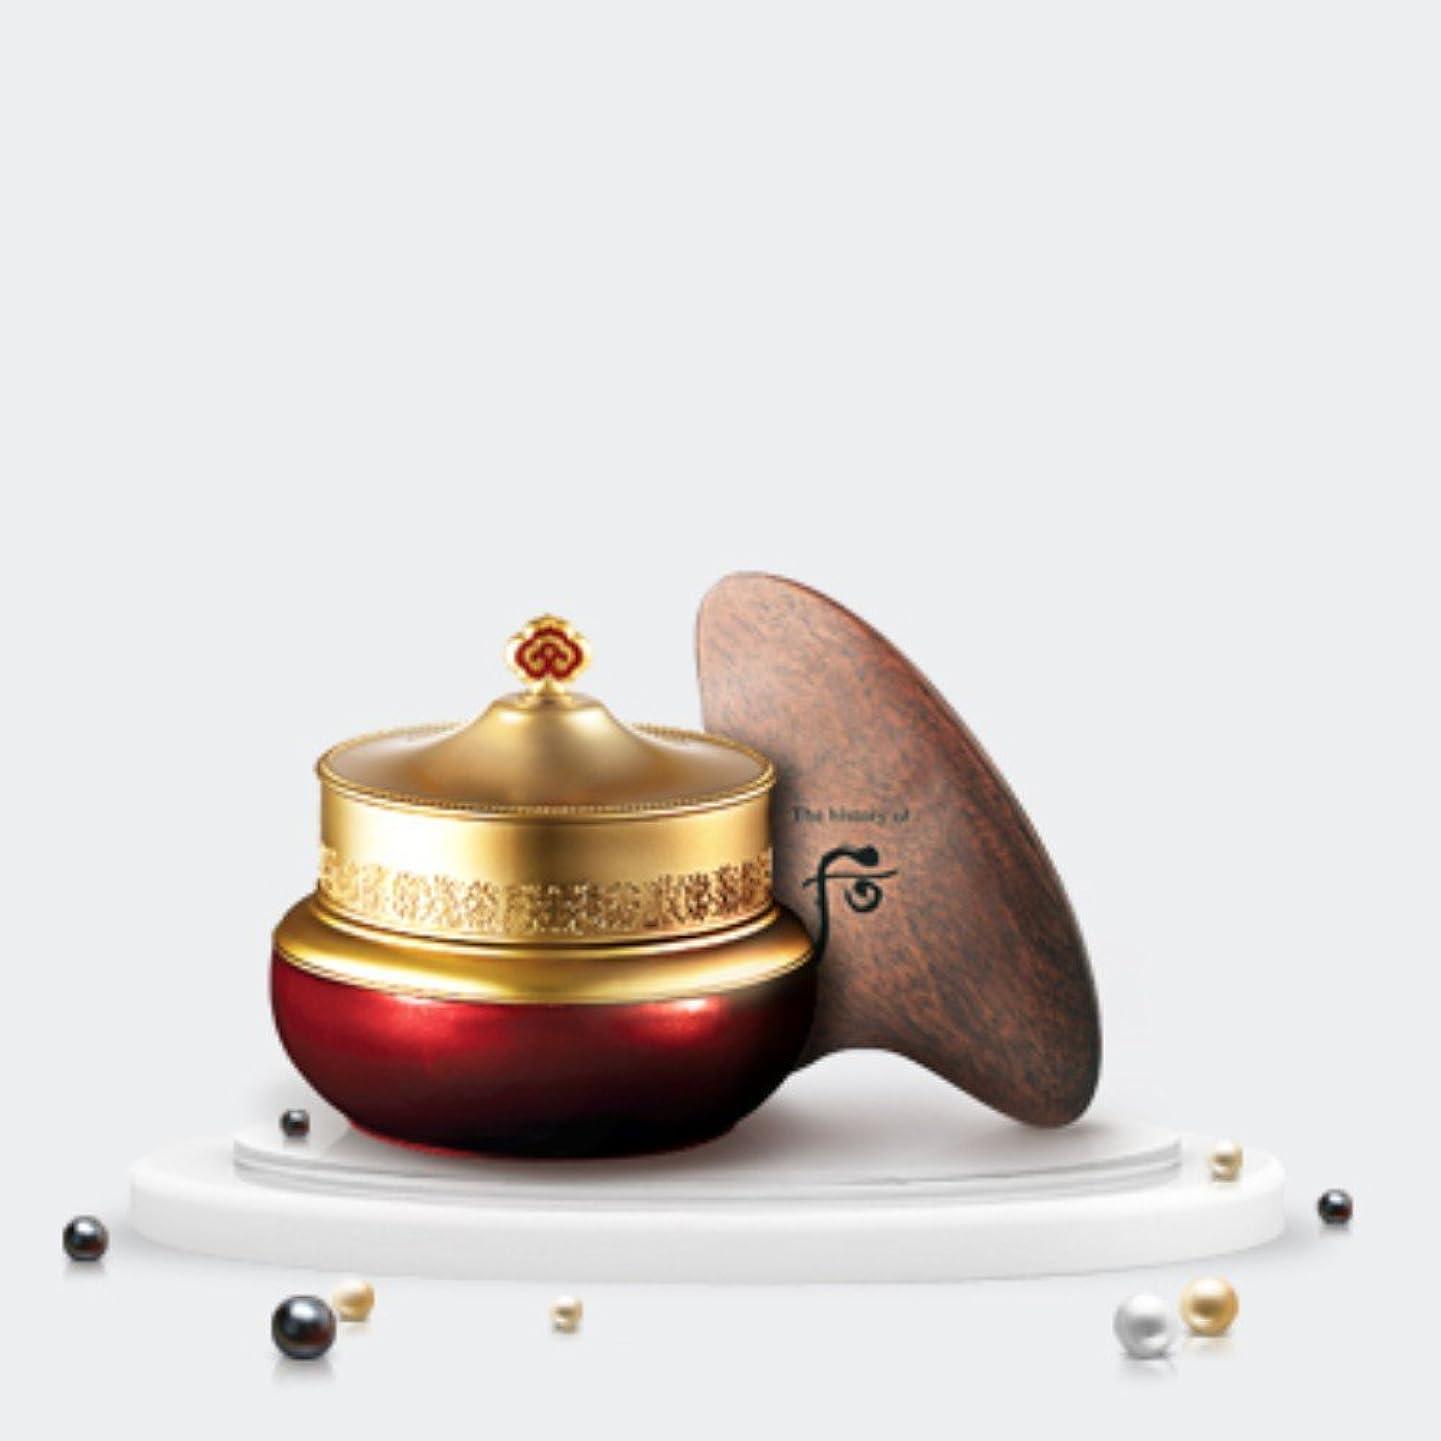 まっすぐにする雇用アジアThe History of Whoo Jinyulhyang Essential Massage Mask 100ml/ザ ヒストリー オブ フー (后) 津率享 エッセンシャル マッサージ マスク 100ml